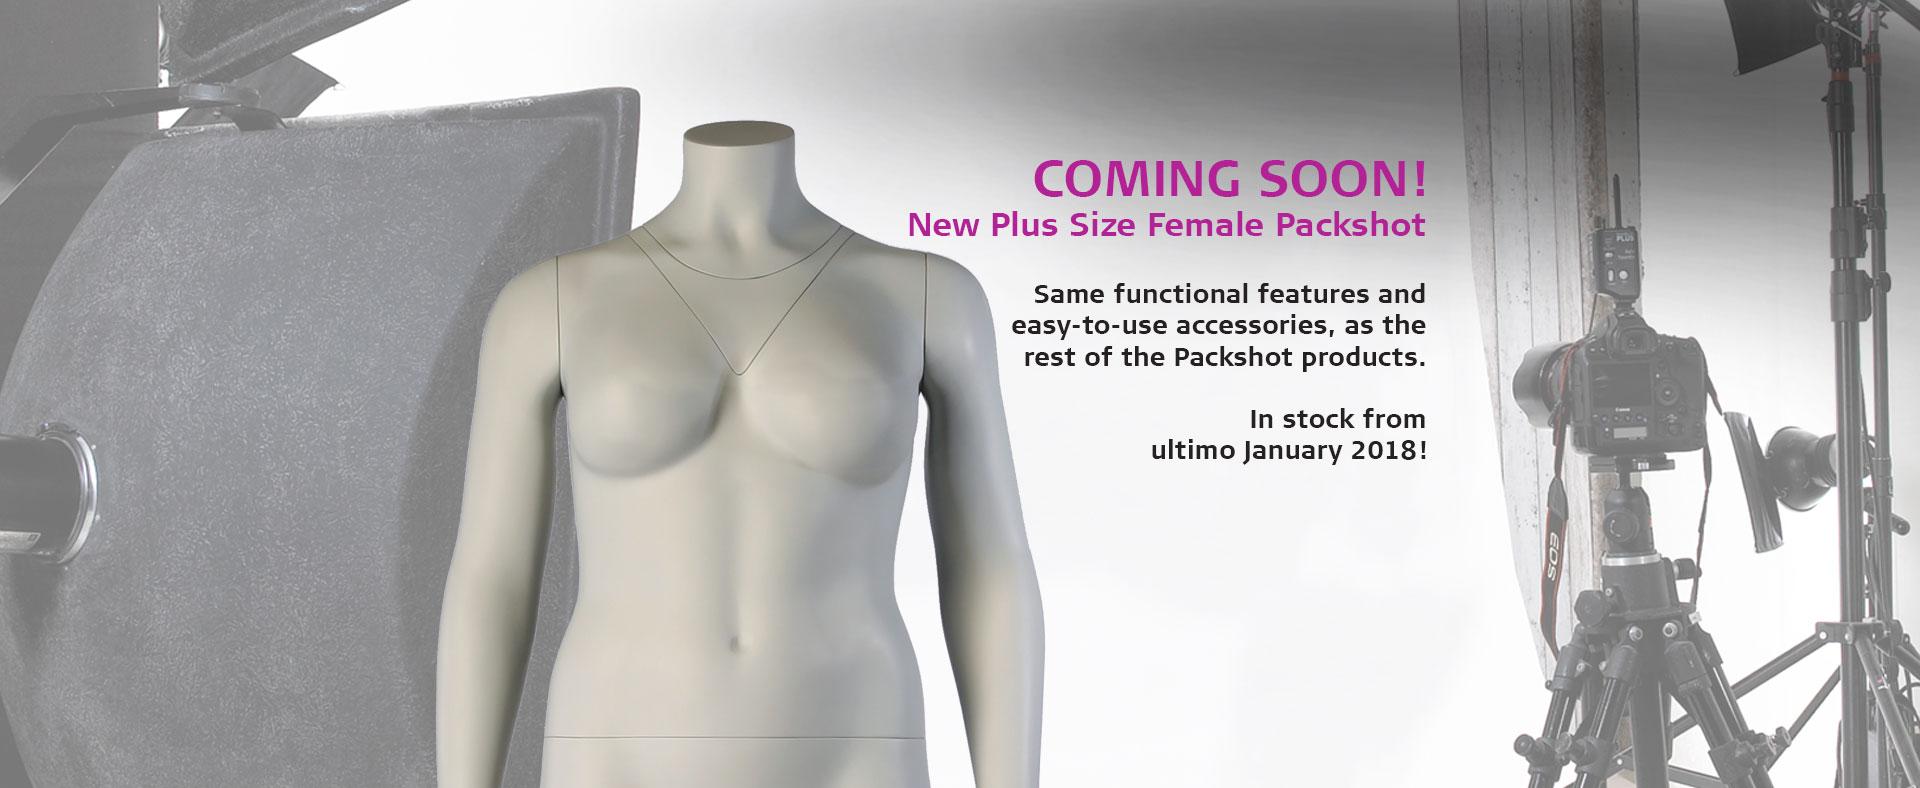 hindsgaul_packshot_plus_size_uk